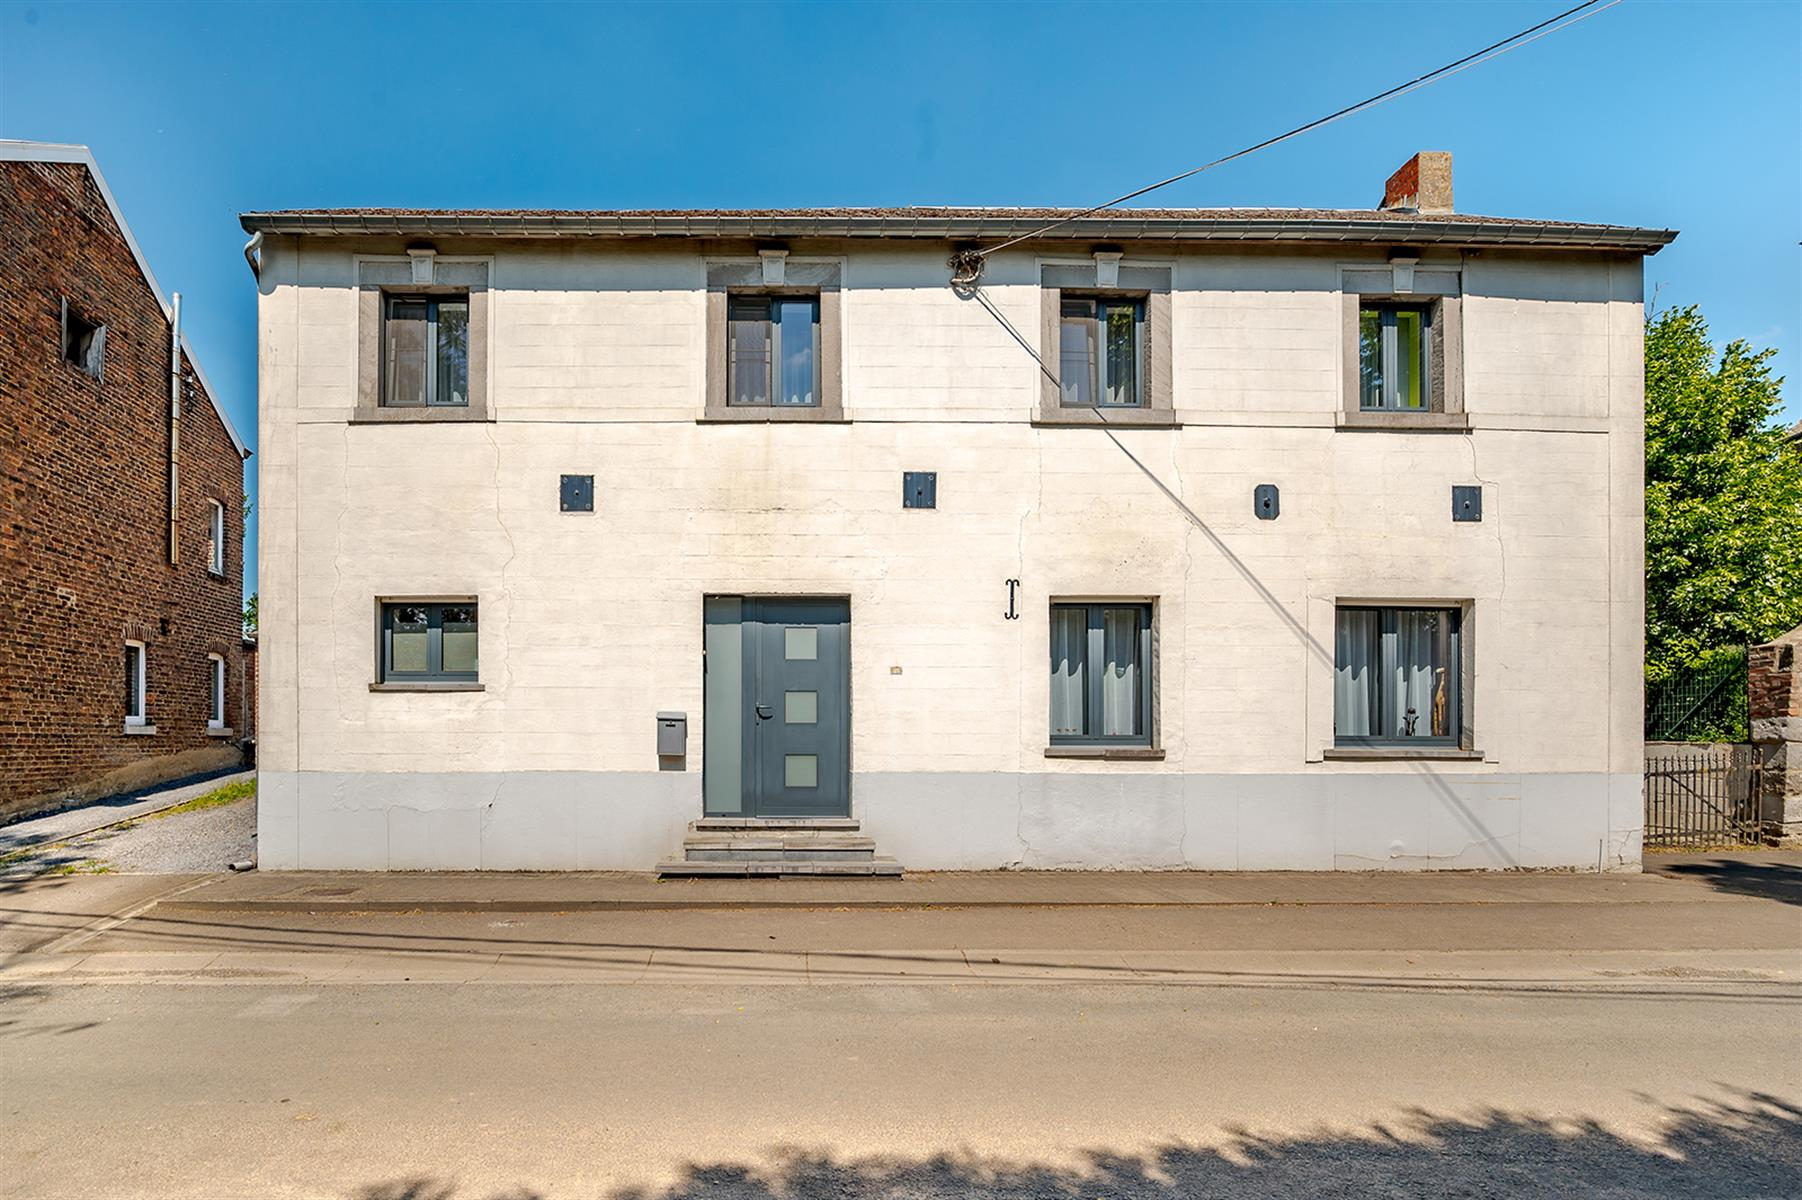 Maison - Villersle-Bouillet Warnant-Dreye - #4392377-29